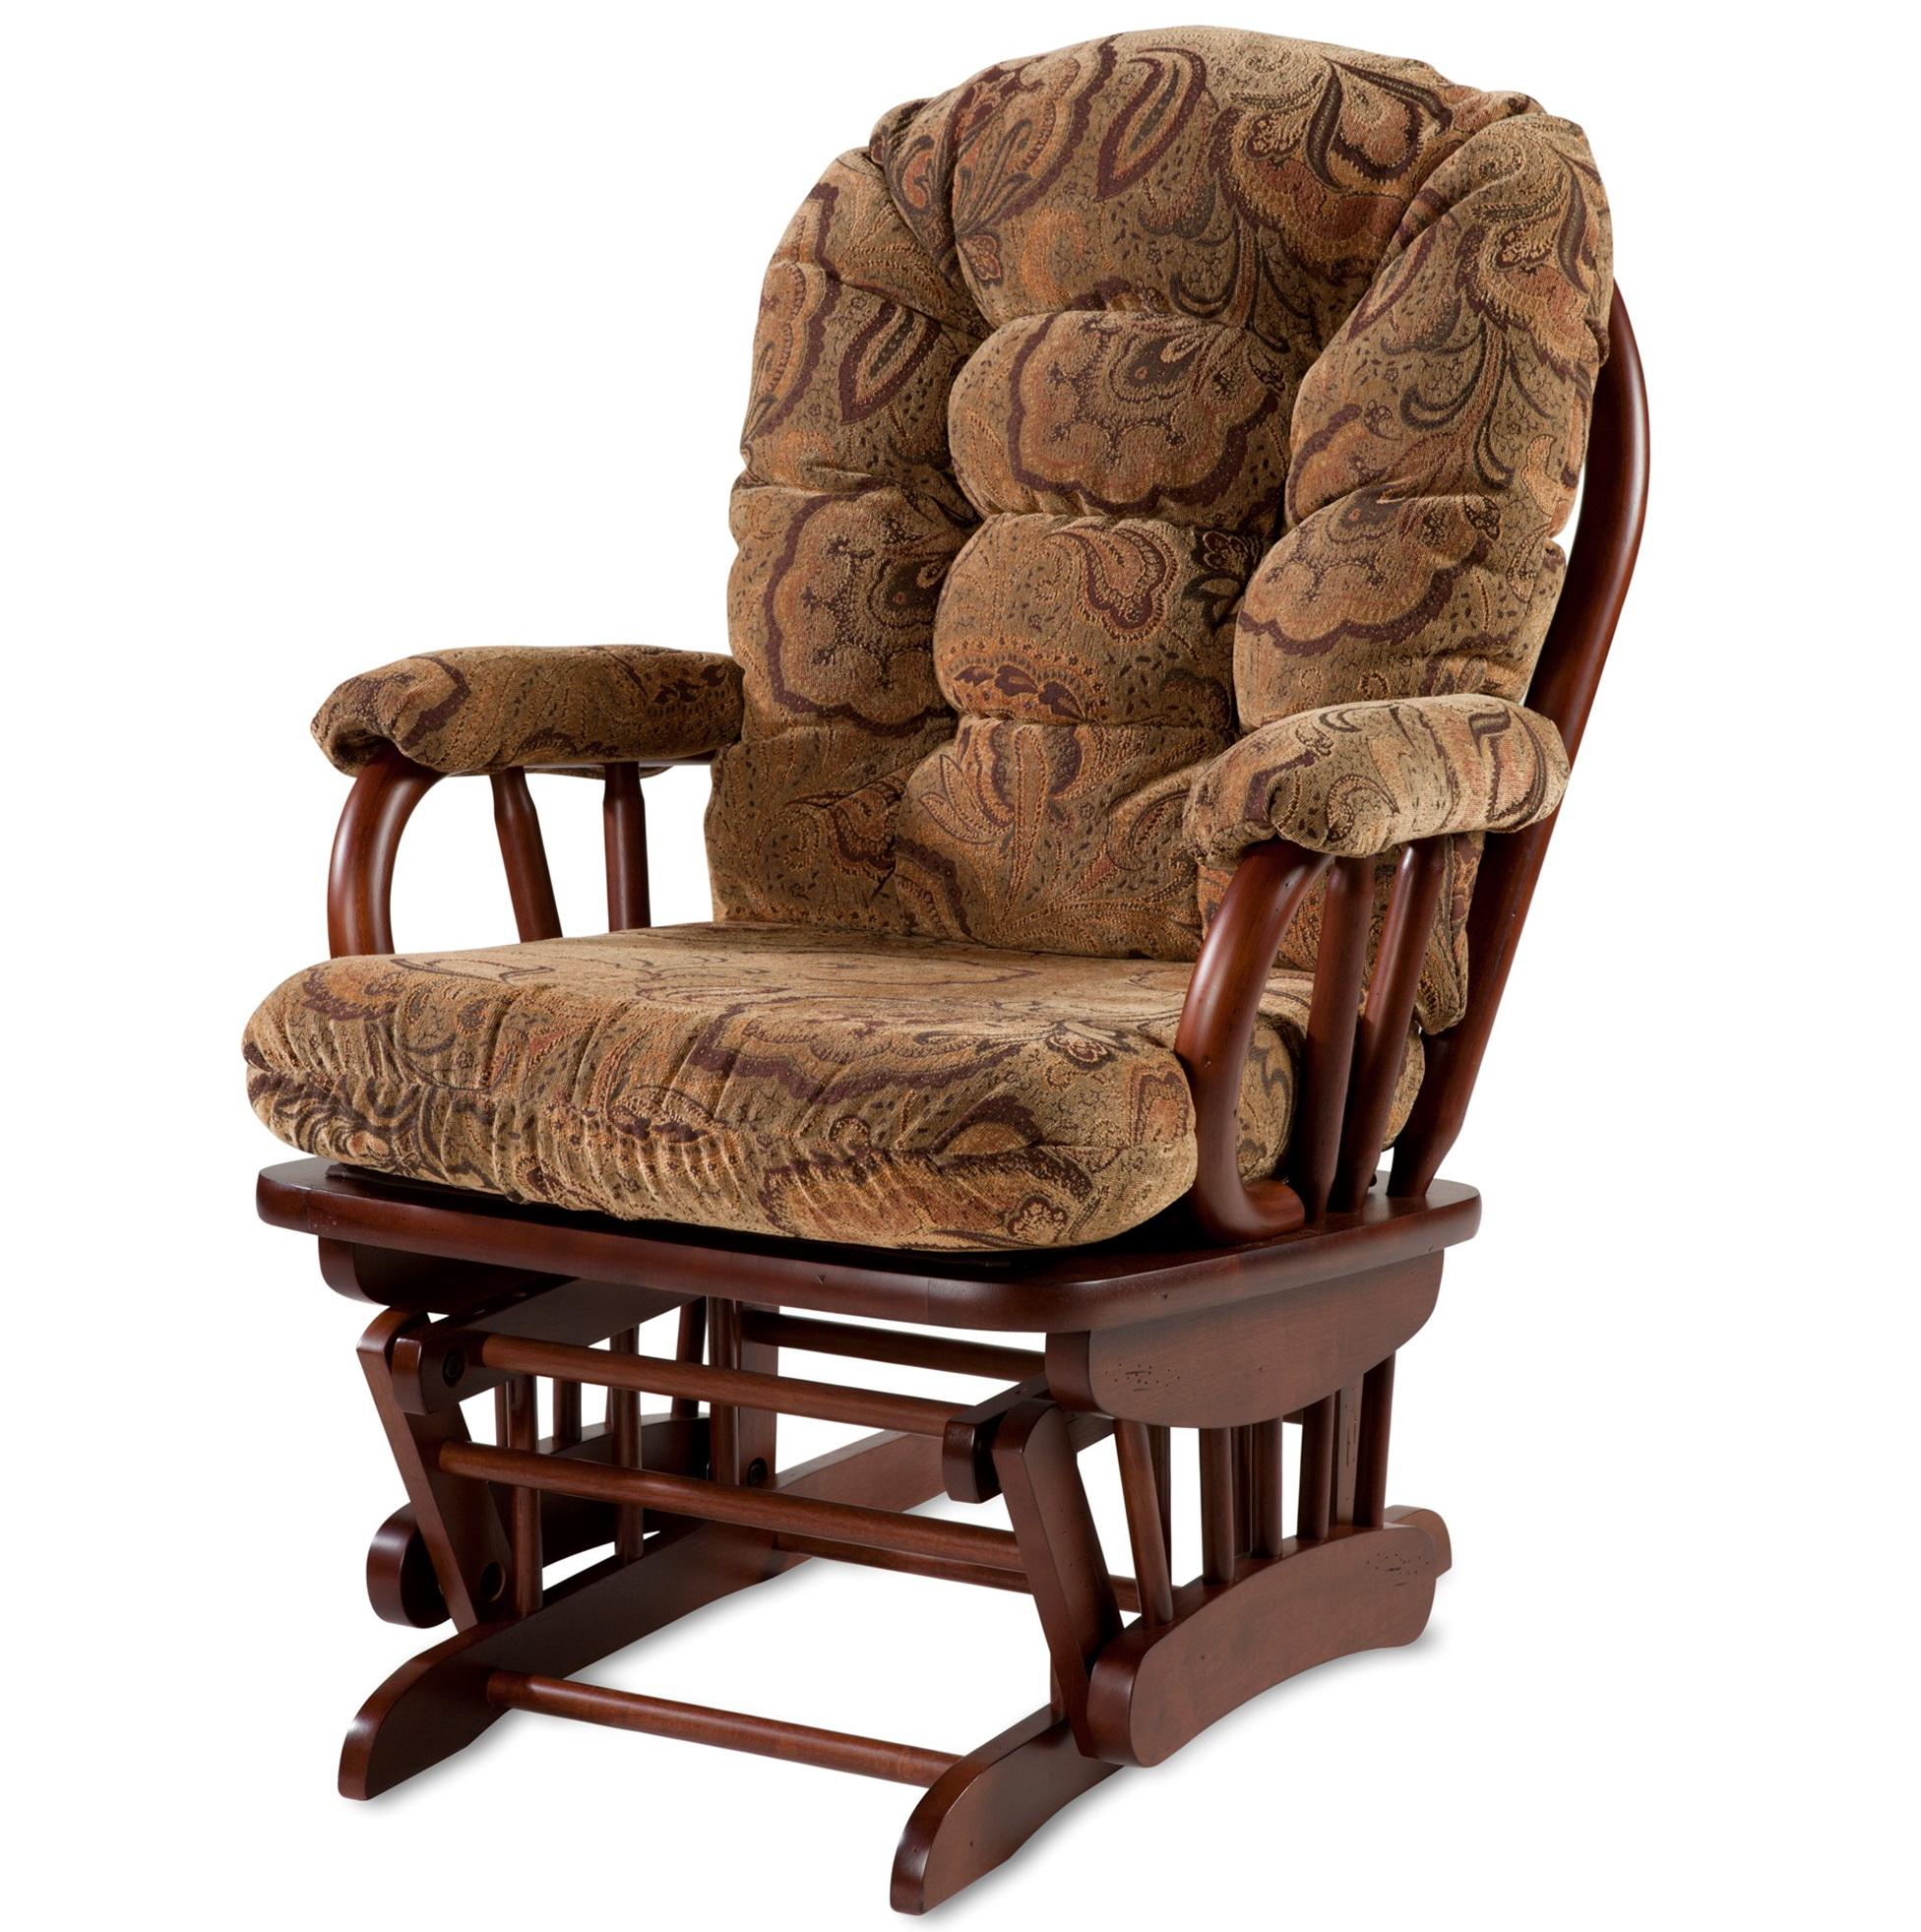 Glider Chair Cushions Walmart Home Design Ideas